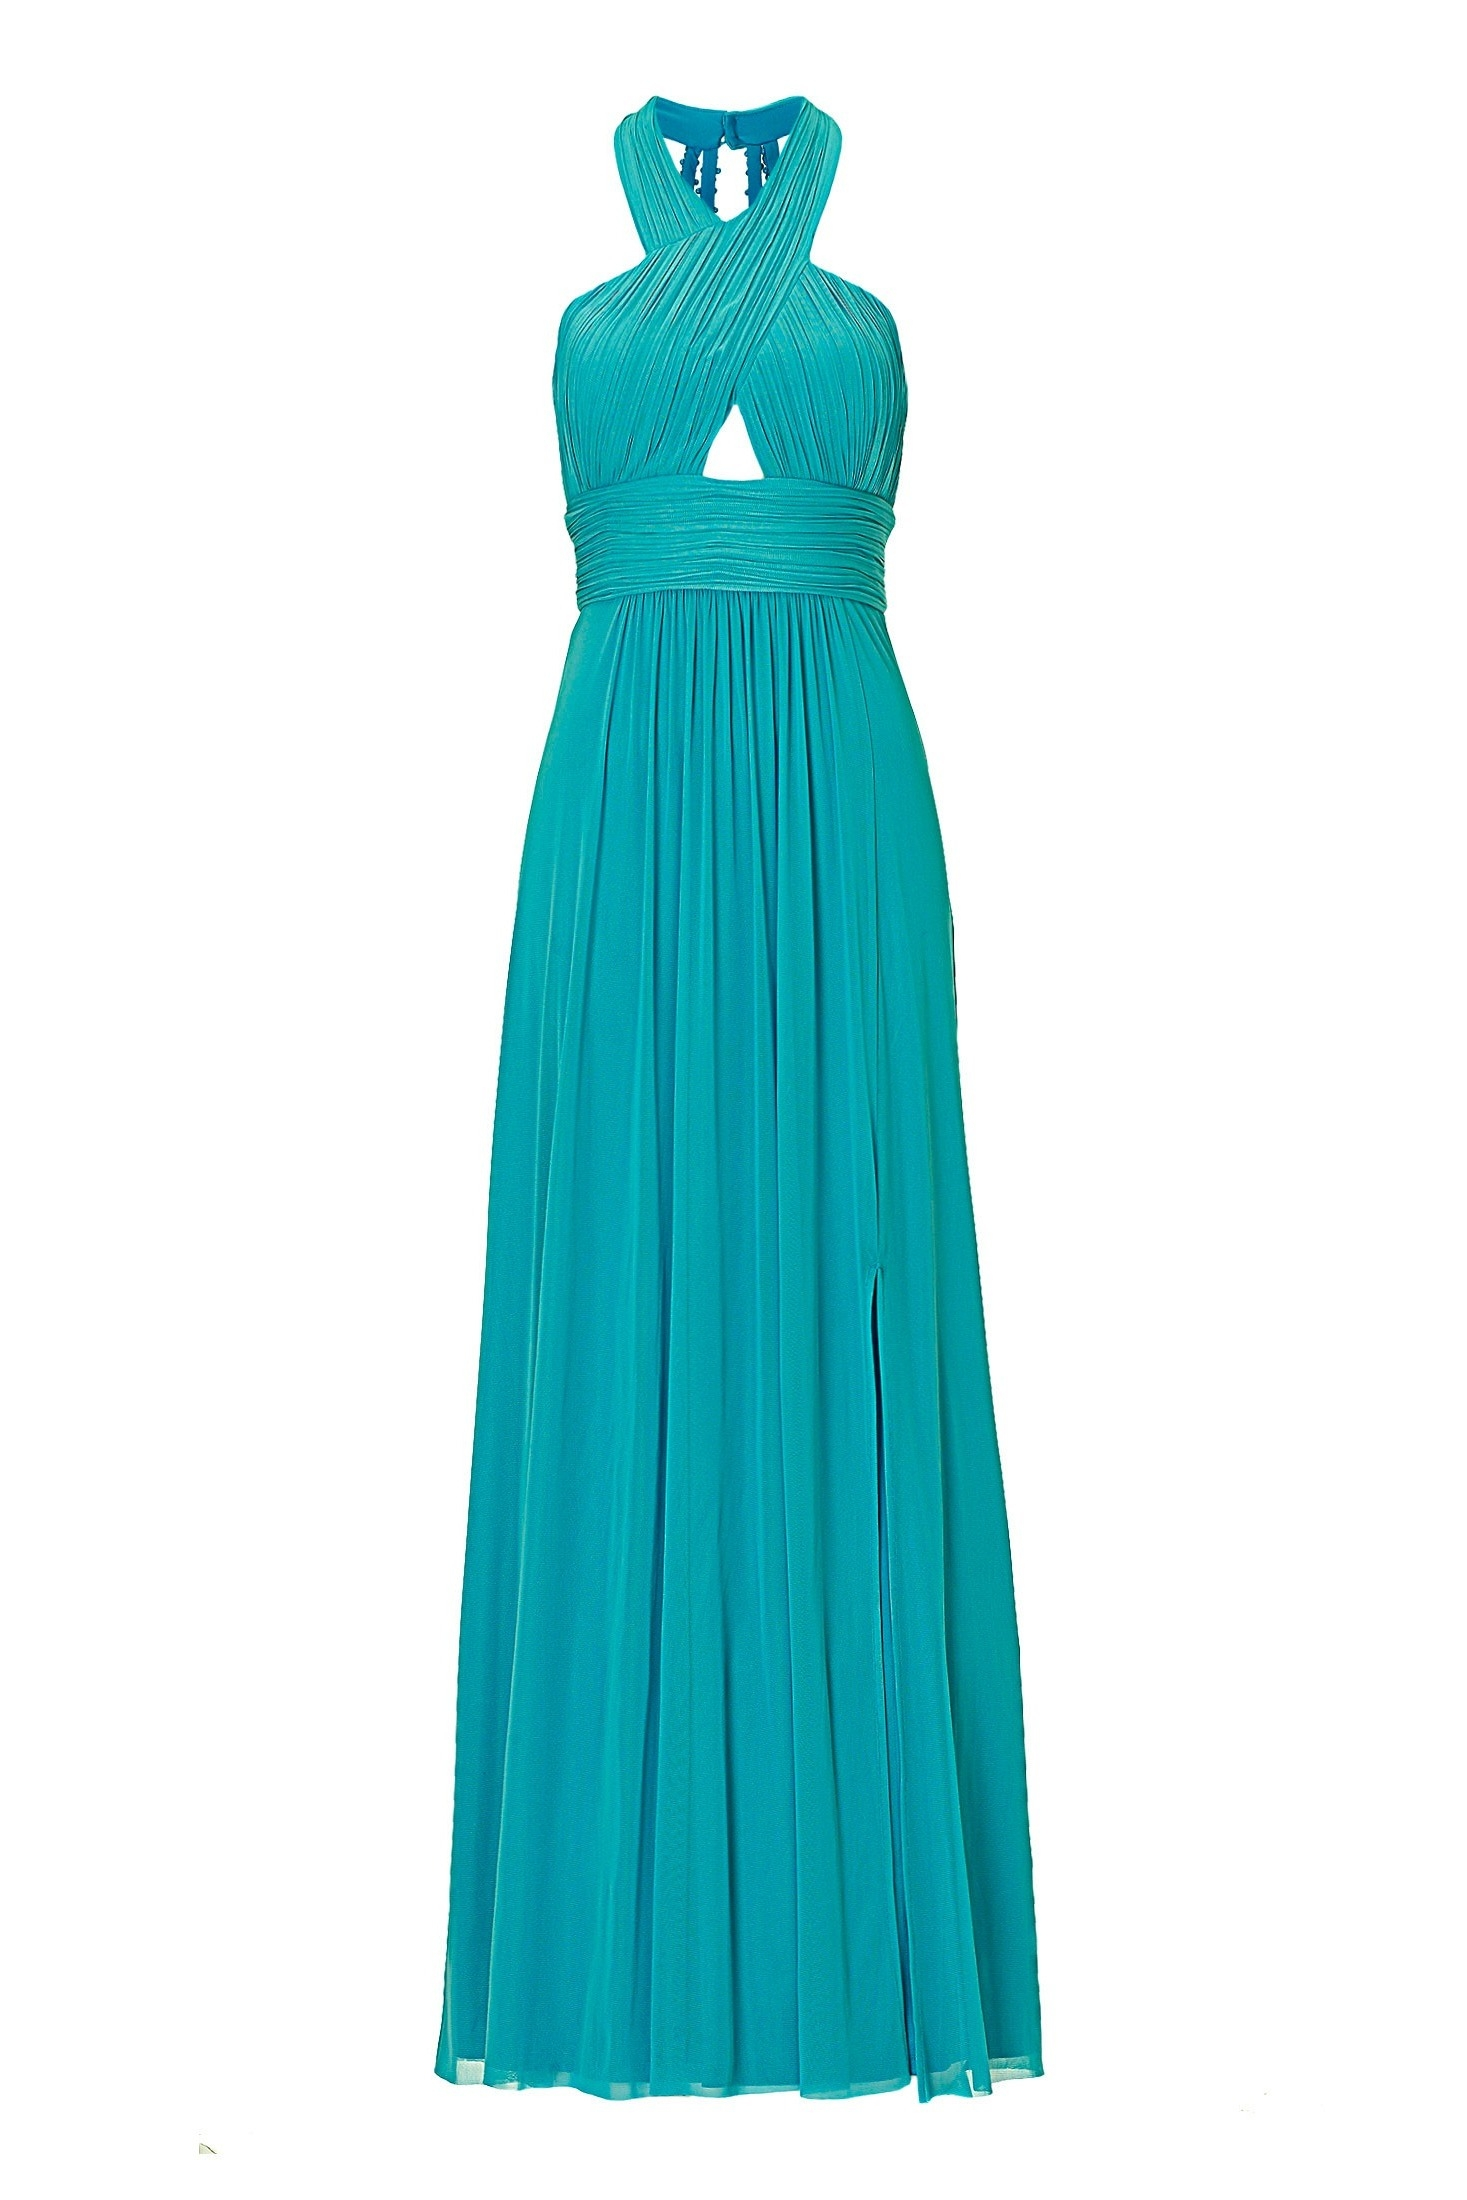 15 Cool Abendkleider Abendkleider für 2019Designer Erstaunlich Abendkleider Abendkleider Bester Preis